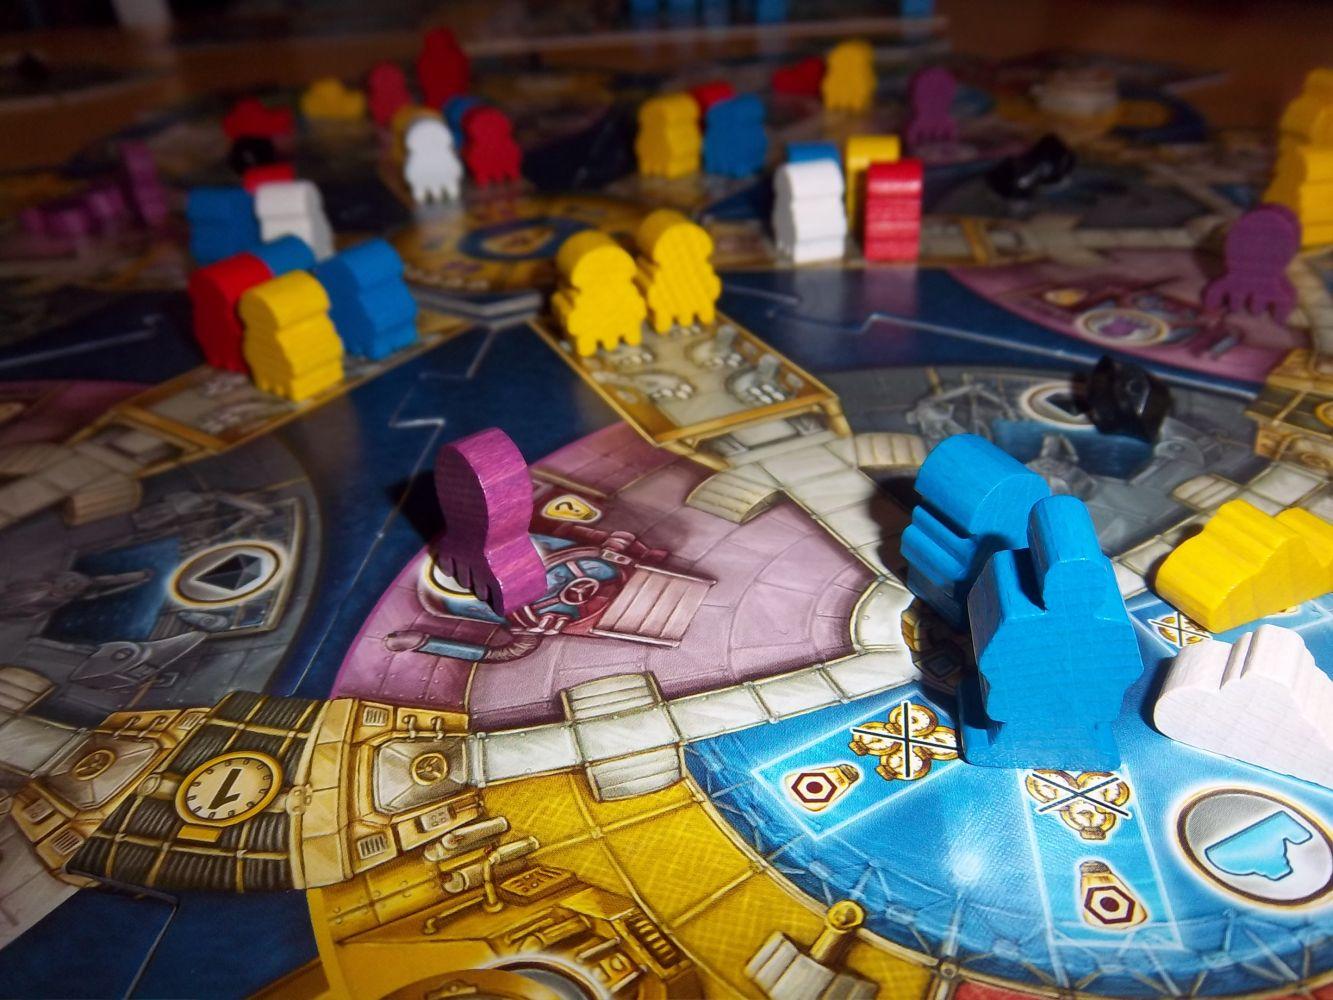 Au plus près du plateau central...Octopode (violet), un scientifique (en bleu), des robots, et des cristaux  (en noir)